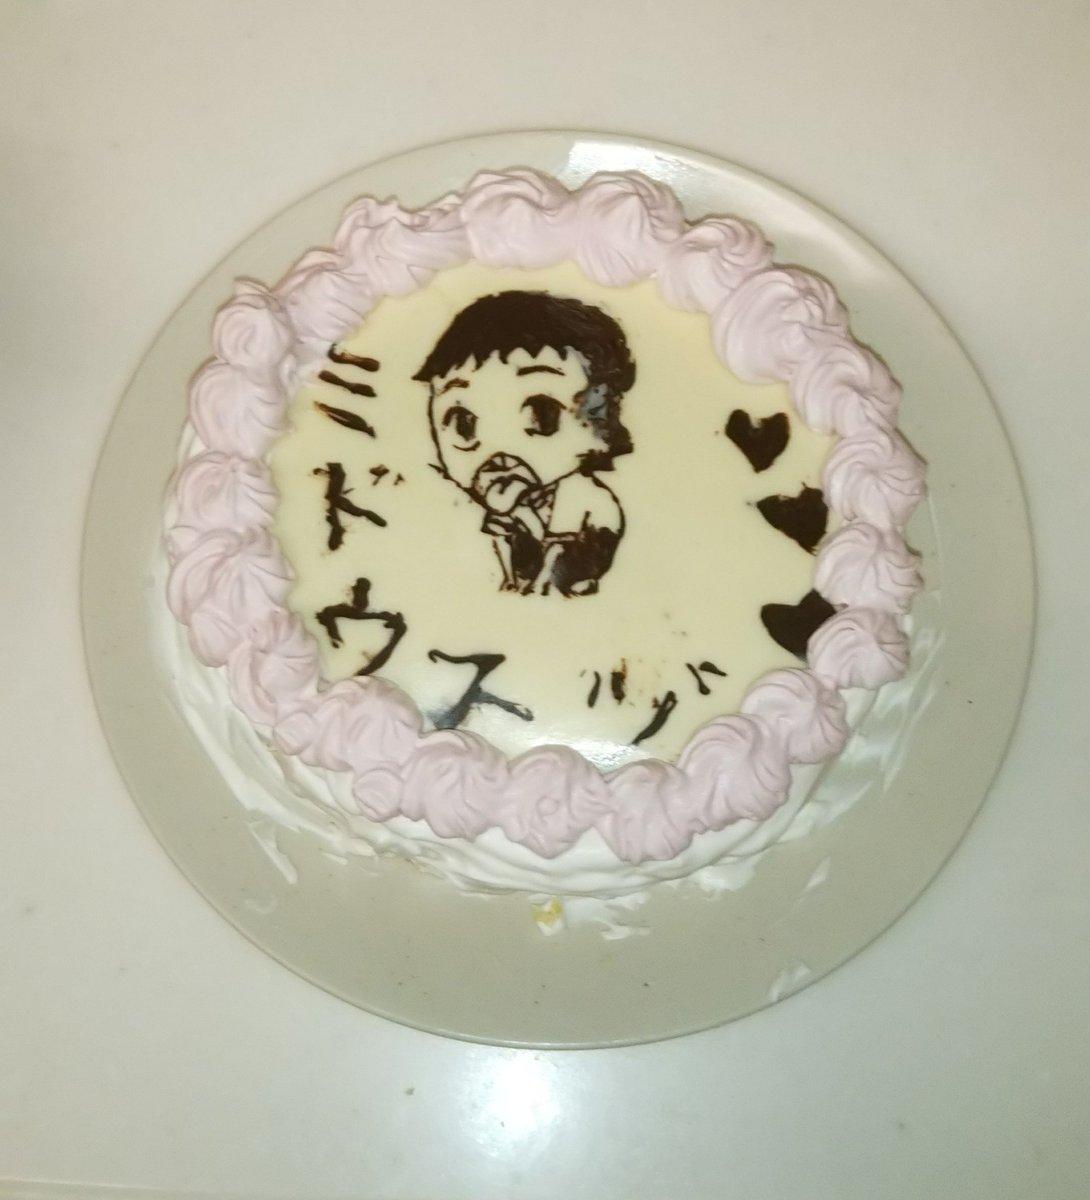 test ツイッターメディア - 初挑戦 #痛チョコ #ケーキ むむむ、練習が必要だなぁ。 #弱虫ペダル #御堂筋 #京都伏見 #セリア の #100円 の 15センチケーキ型、ちゃんと使えた。#cake #15センチ #seria https://t.co/iBaxUdOJQ2